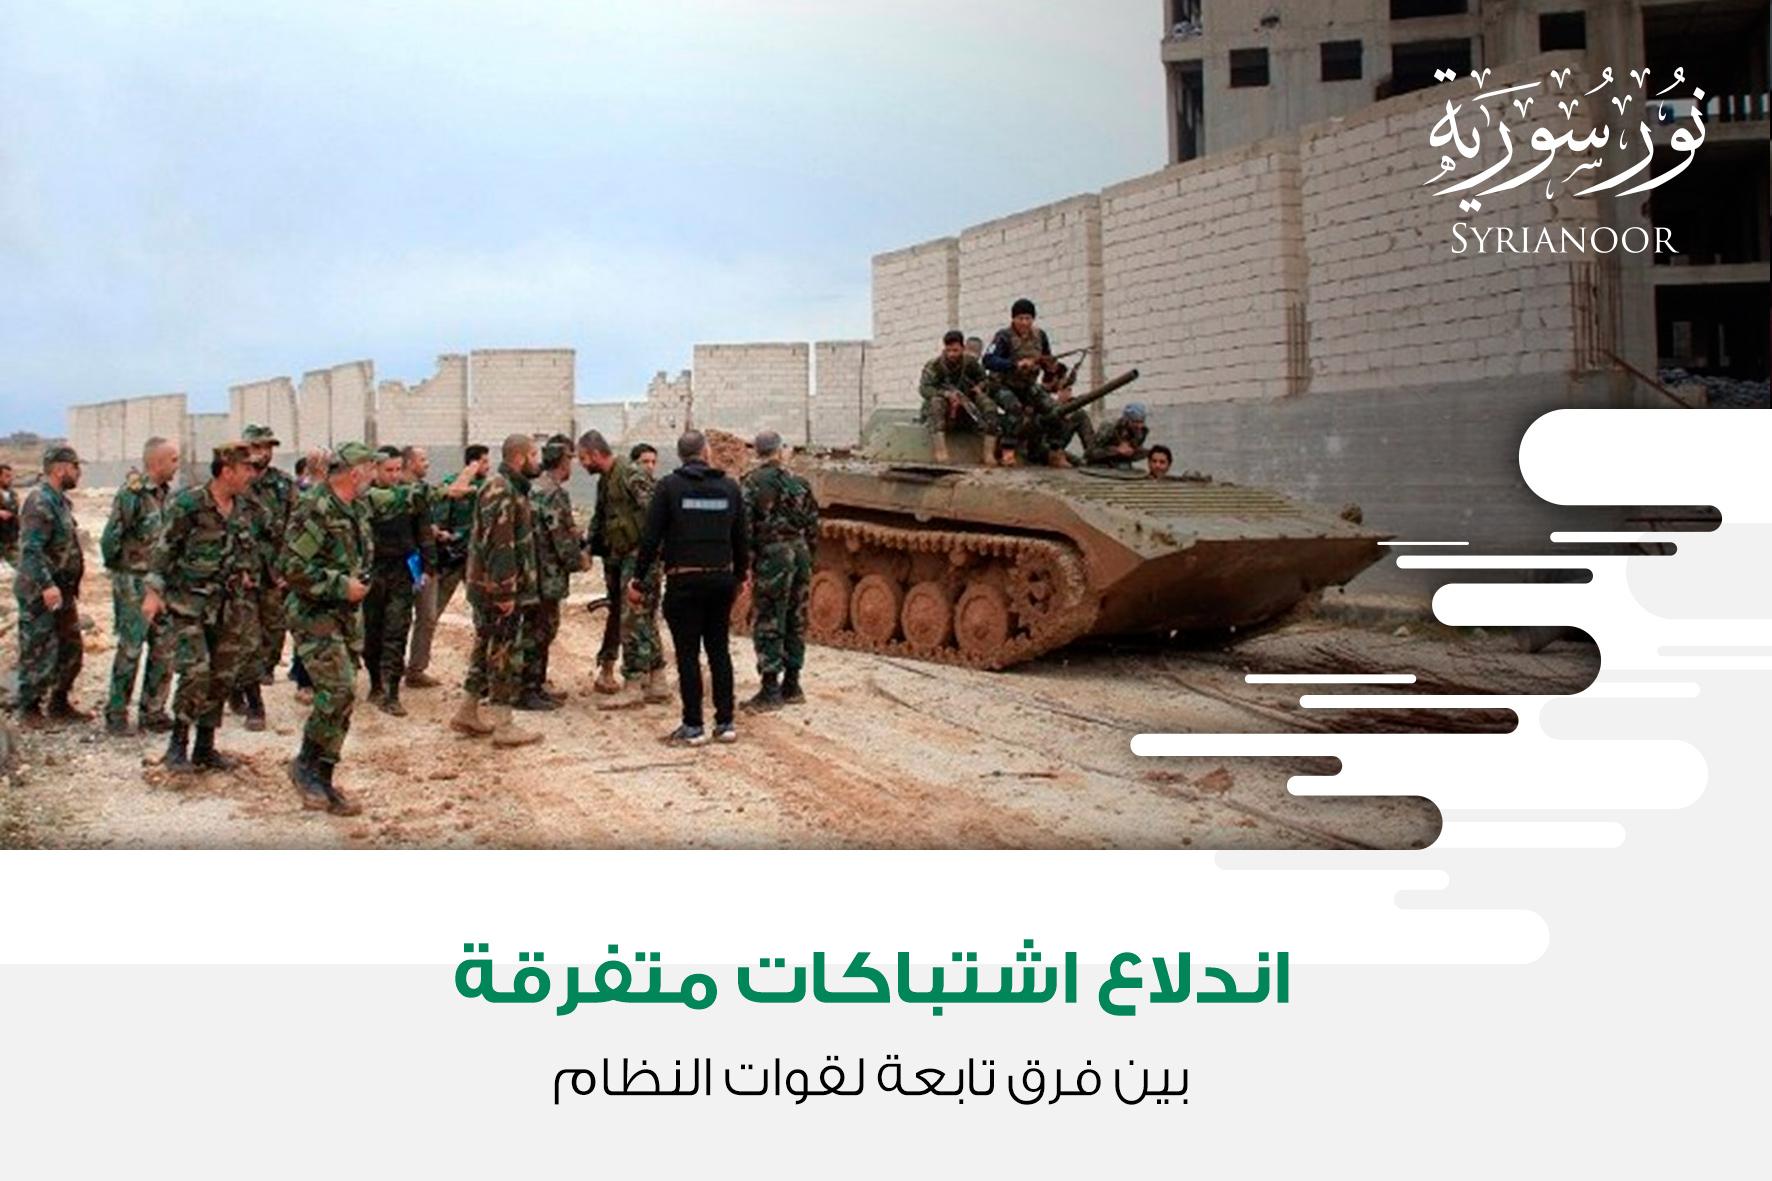 اندلاع اشتباكات متفرقة بين فرق تابعة لقوات النظام